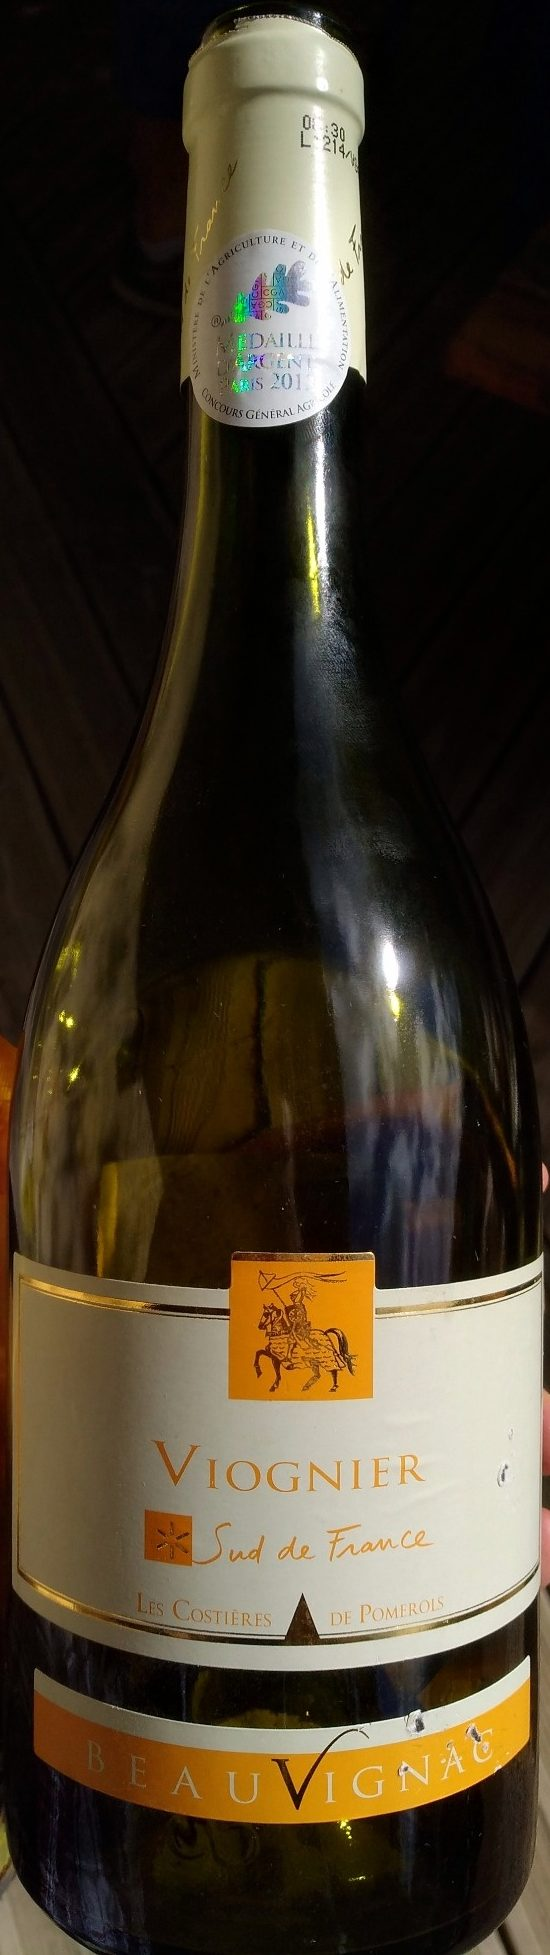 Beauvignac Pays d'Oc Viognier 2011 - Product - fr